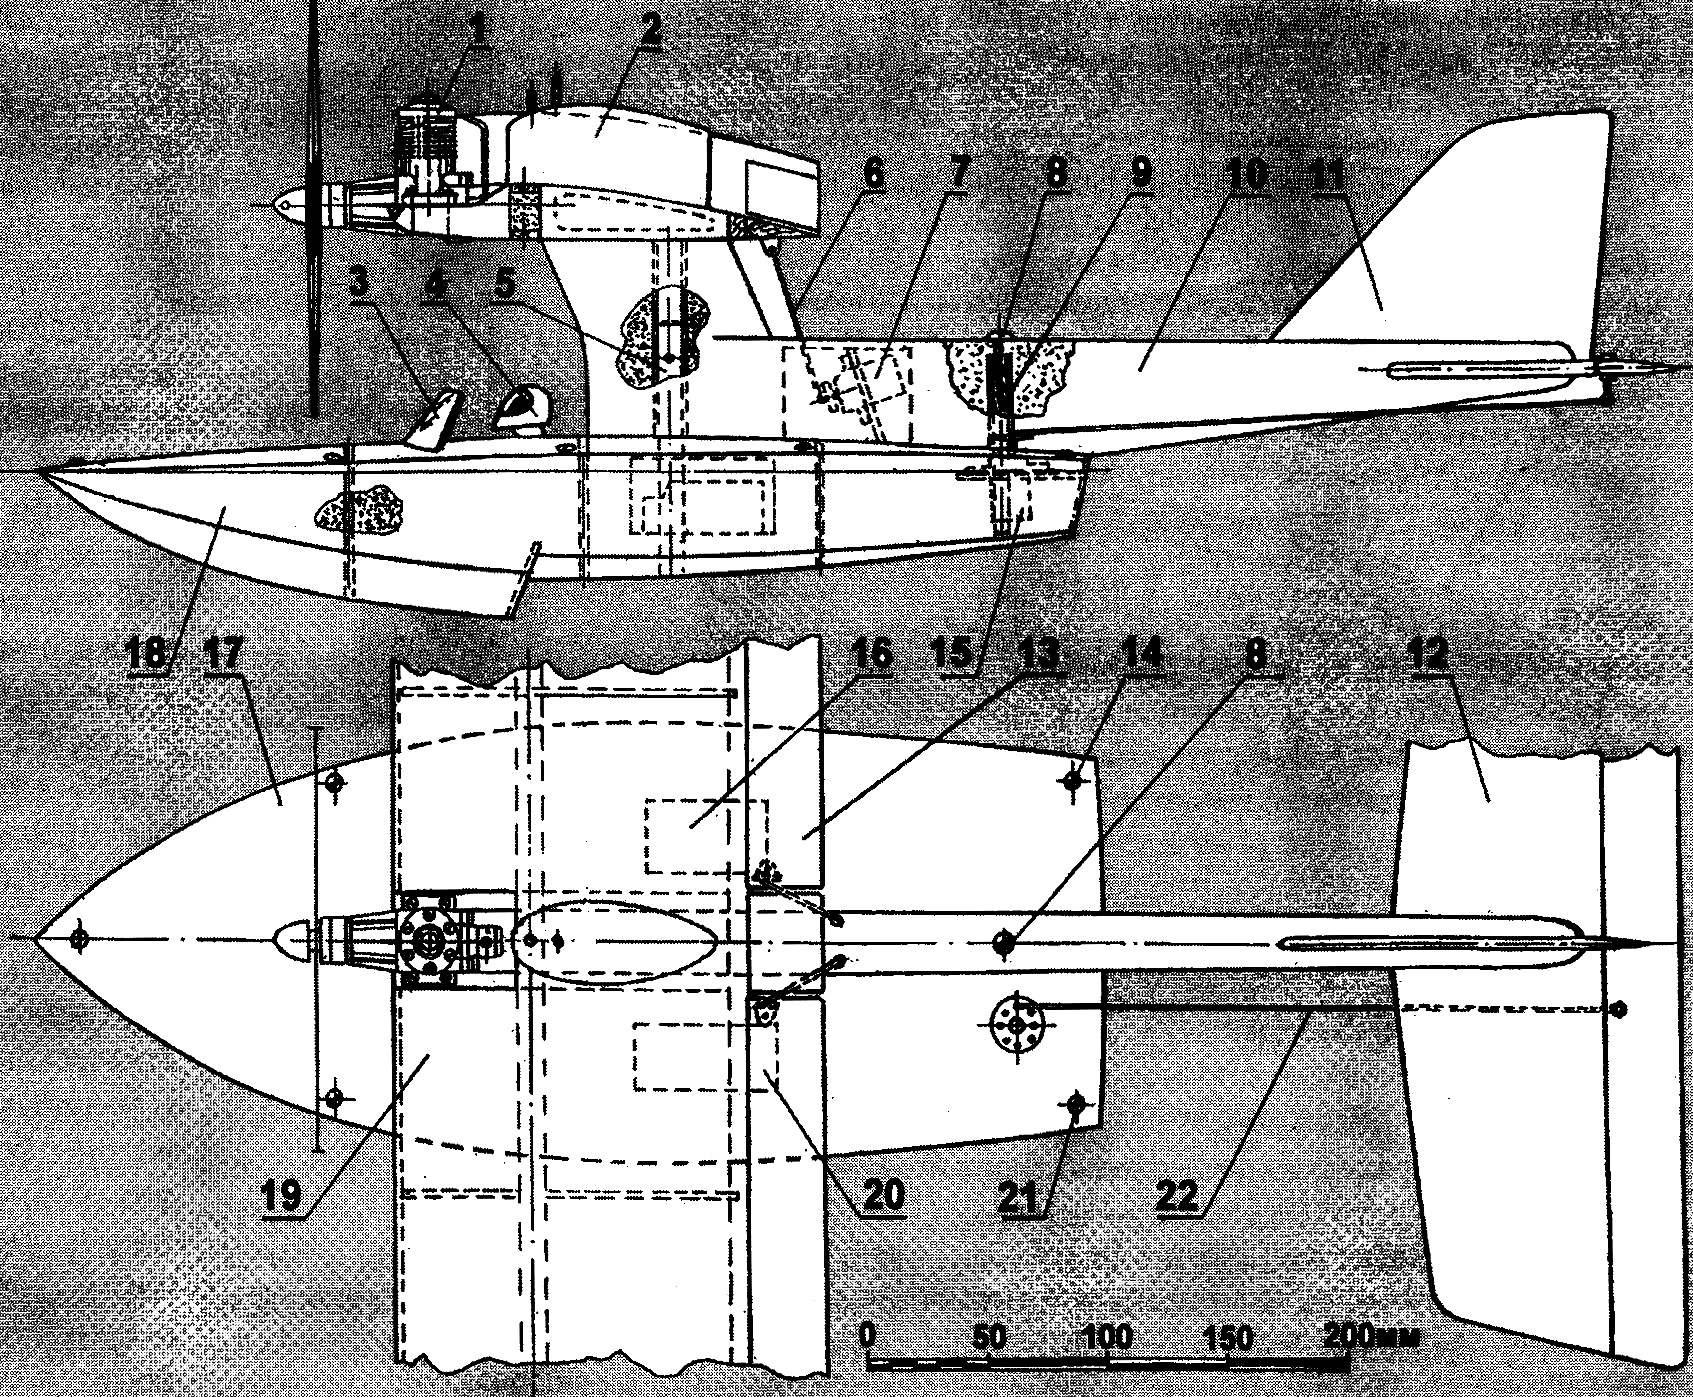 Модель гидросамолета типа «летающая лодка» с двигателем КМД-2,5